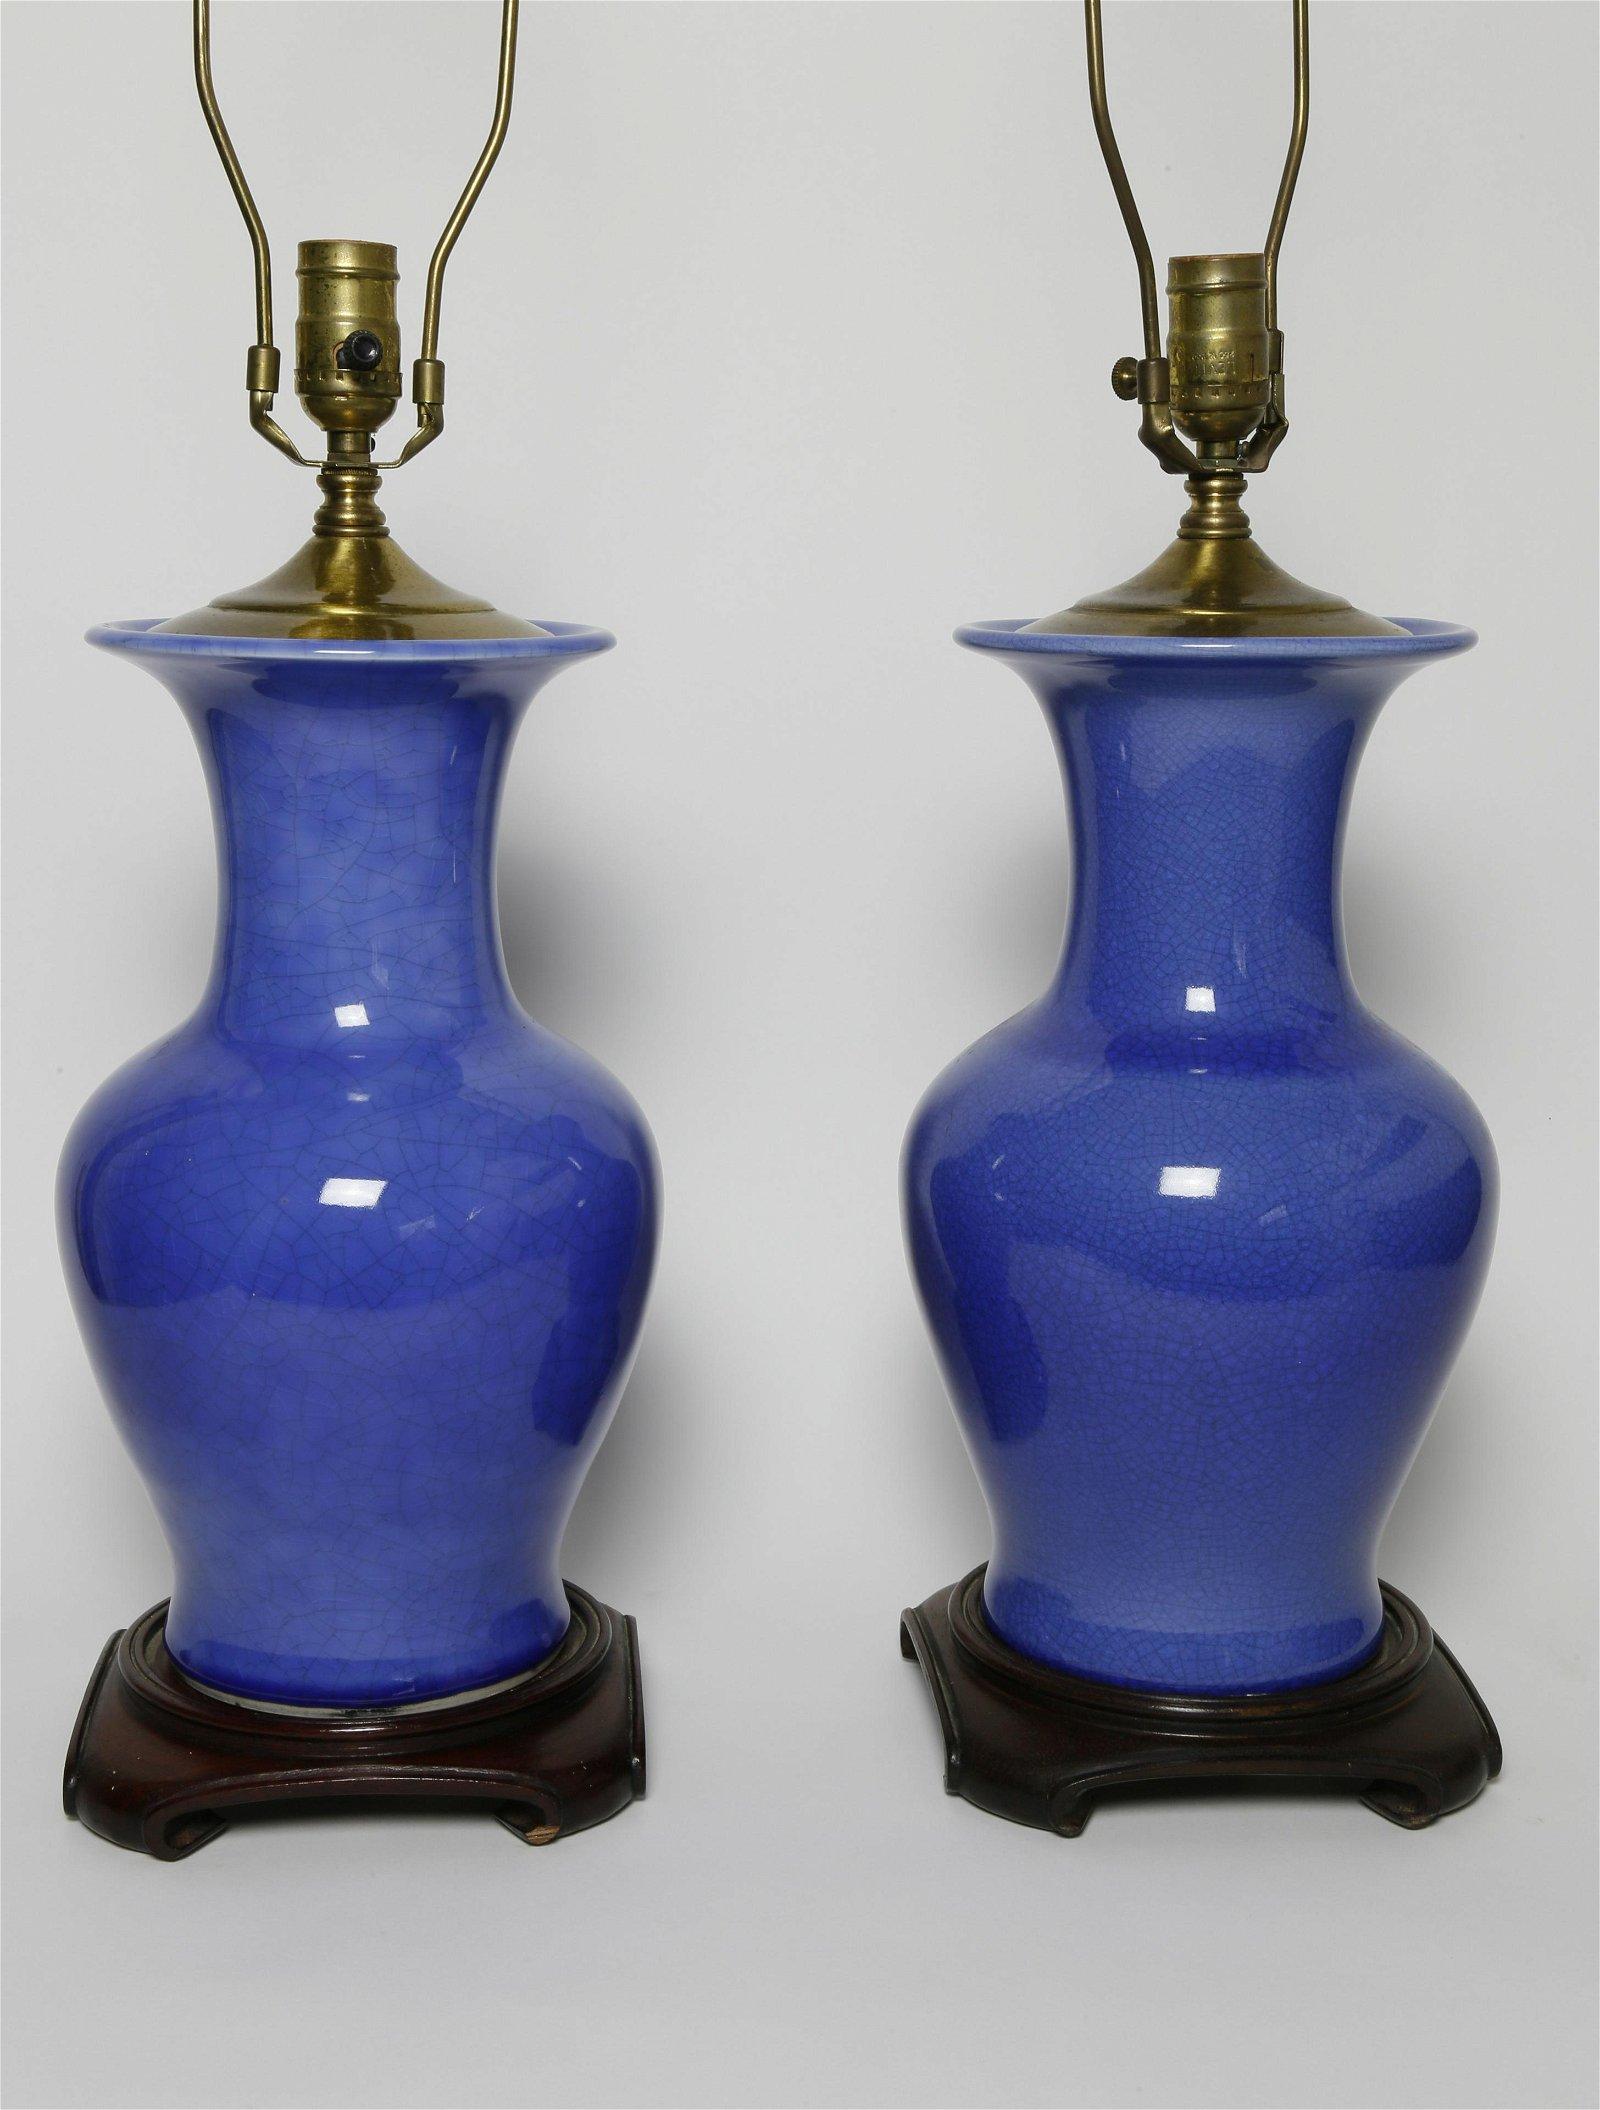 2 Cobalt Crackle Glaze Lamps with Teak Bases